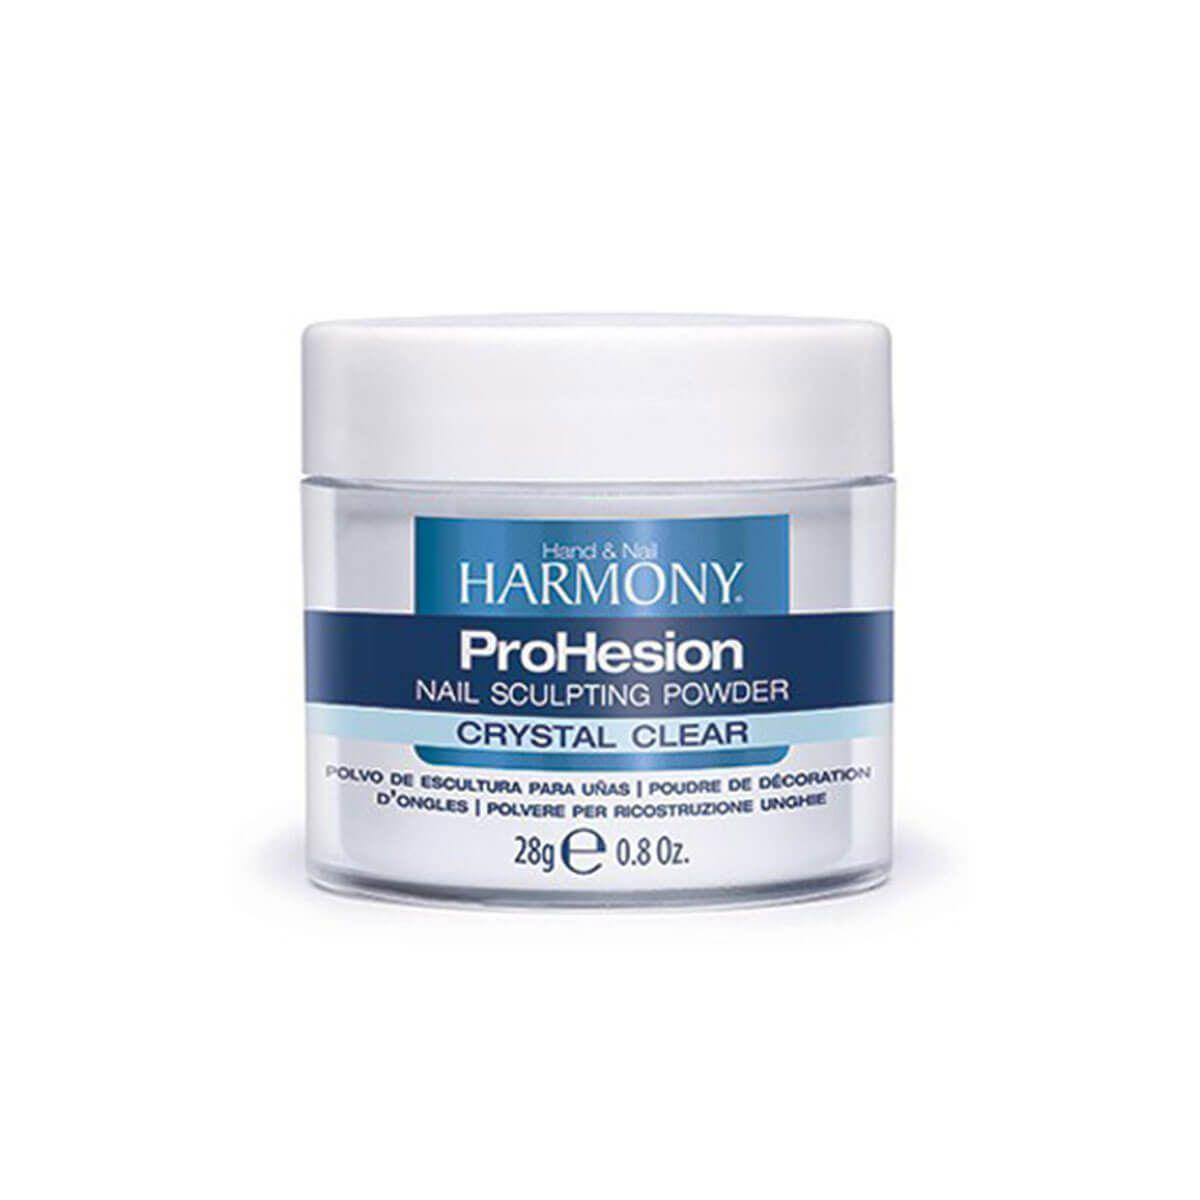 Pó Acrílico Harmony Crystal Clear Transparente - 28g